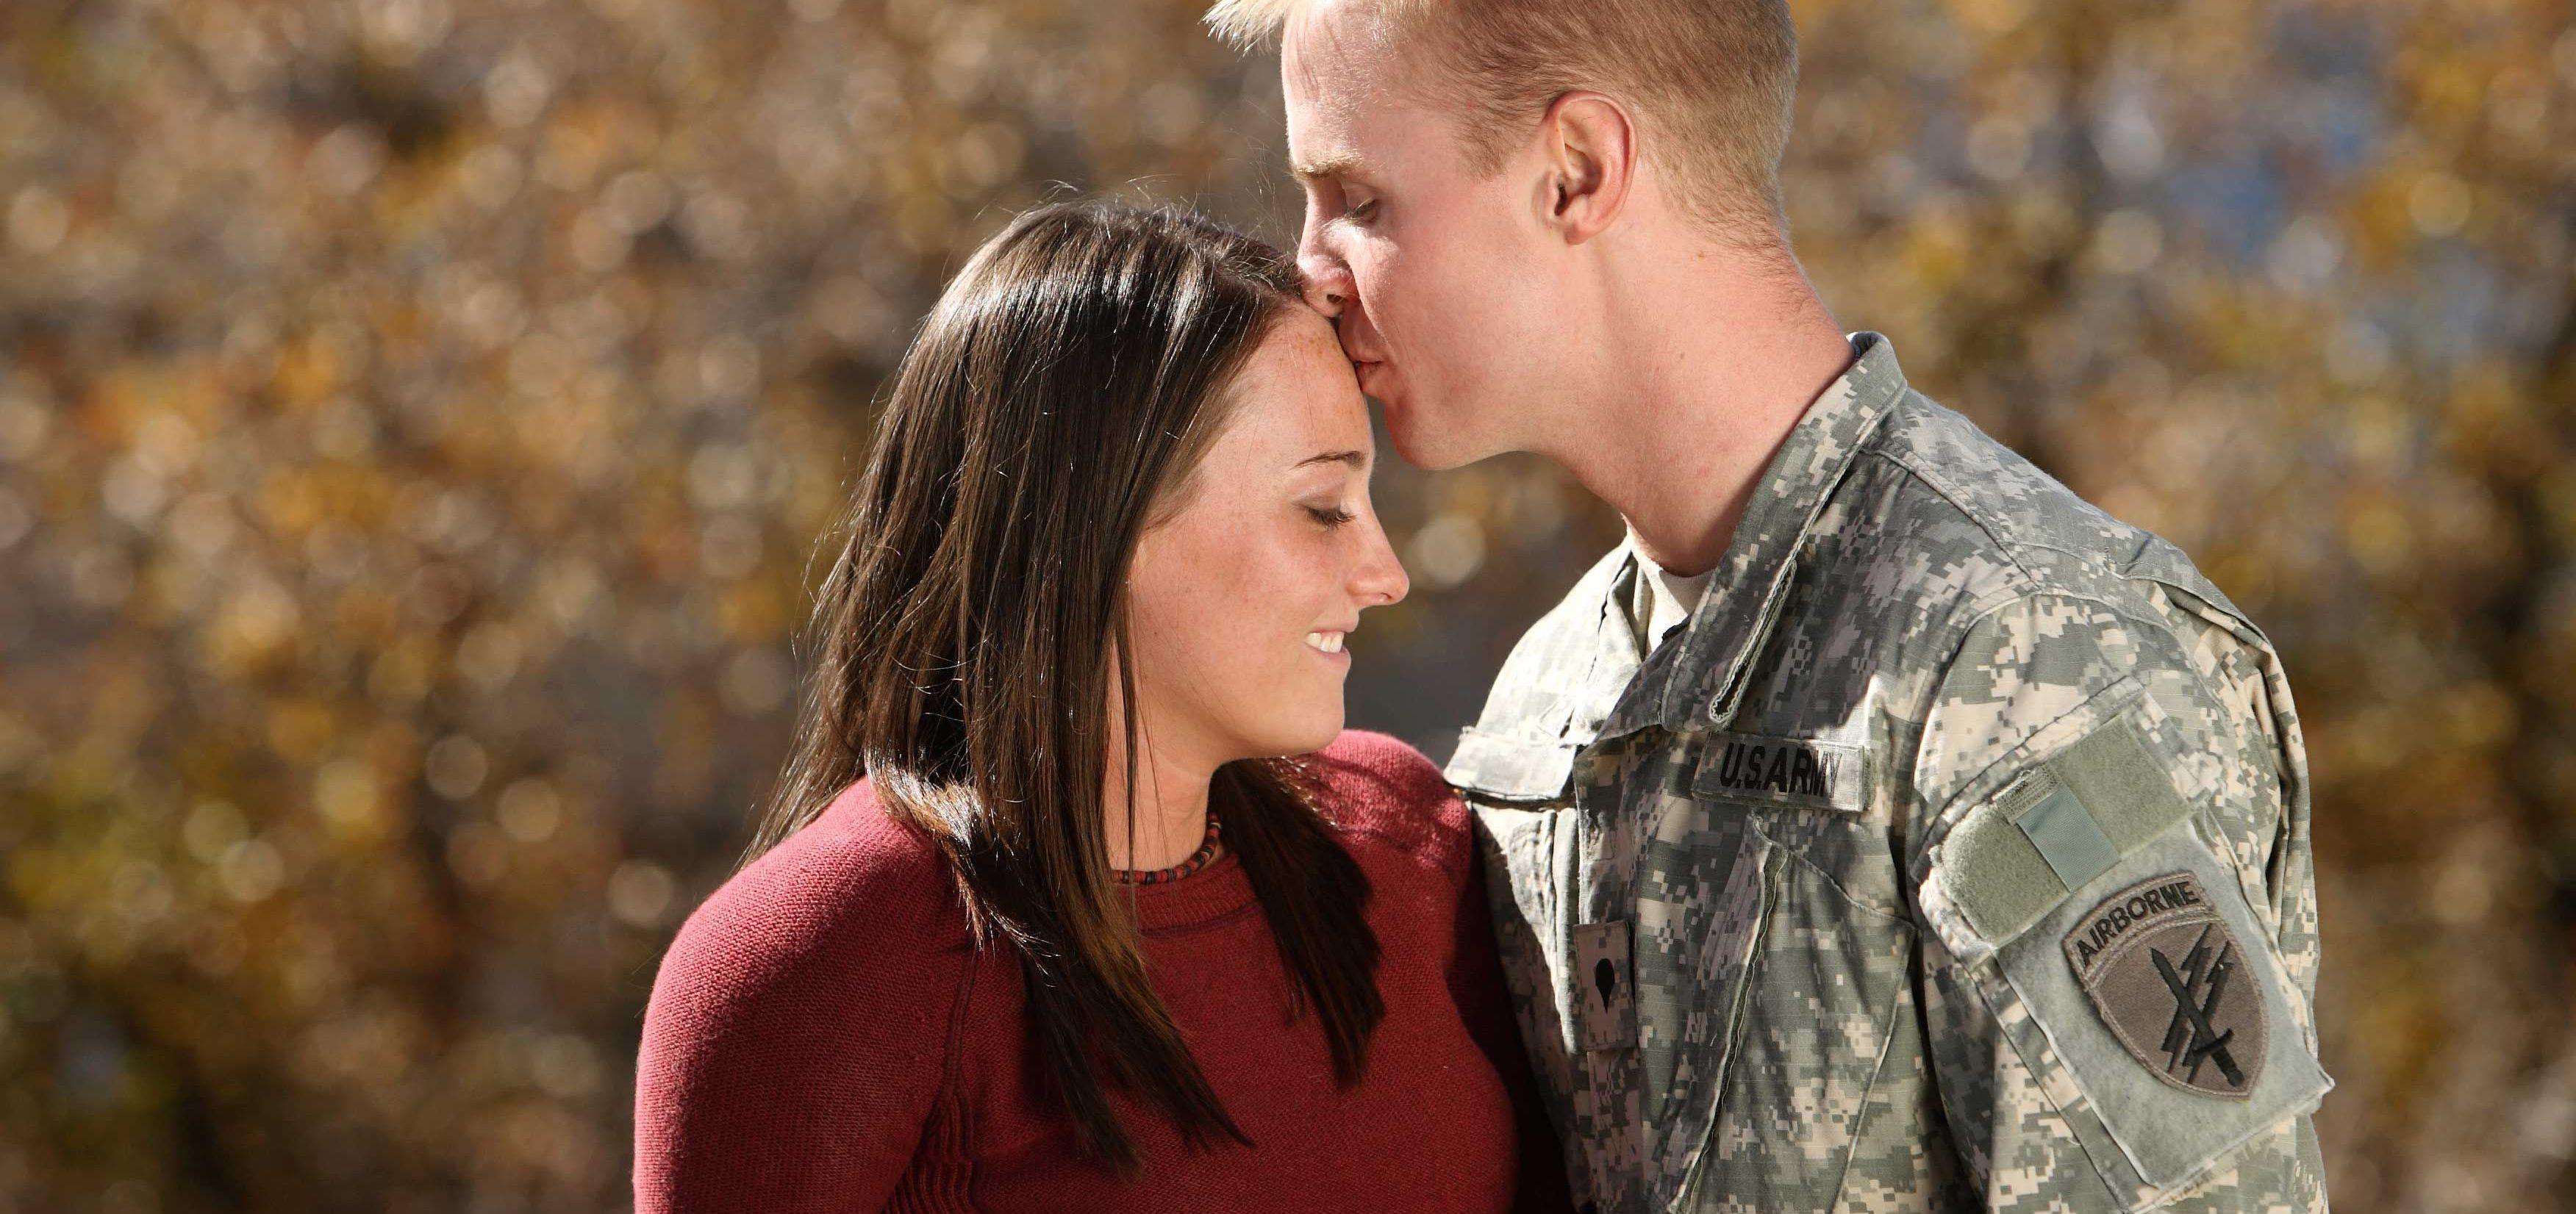 Жены военных секс